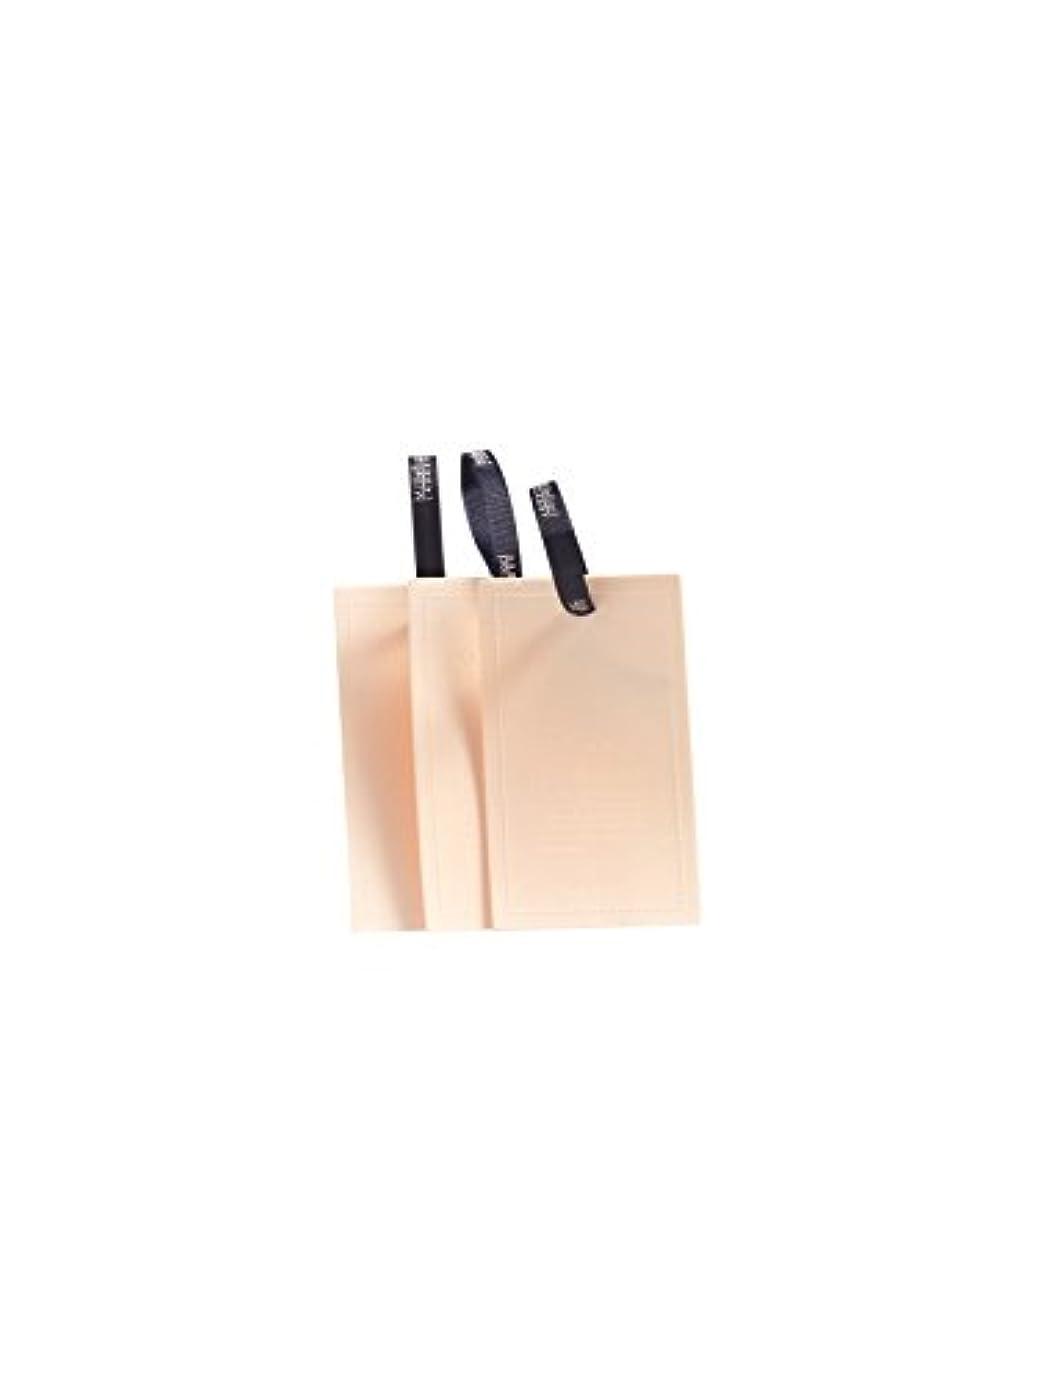 増加する偏心インスタンスMillefiori センテッドカード ナルシス CARD-A-001